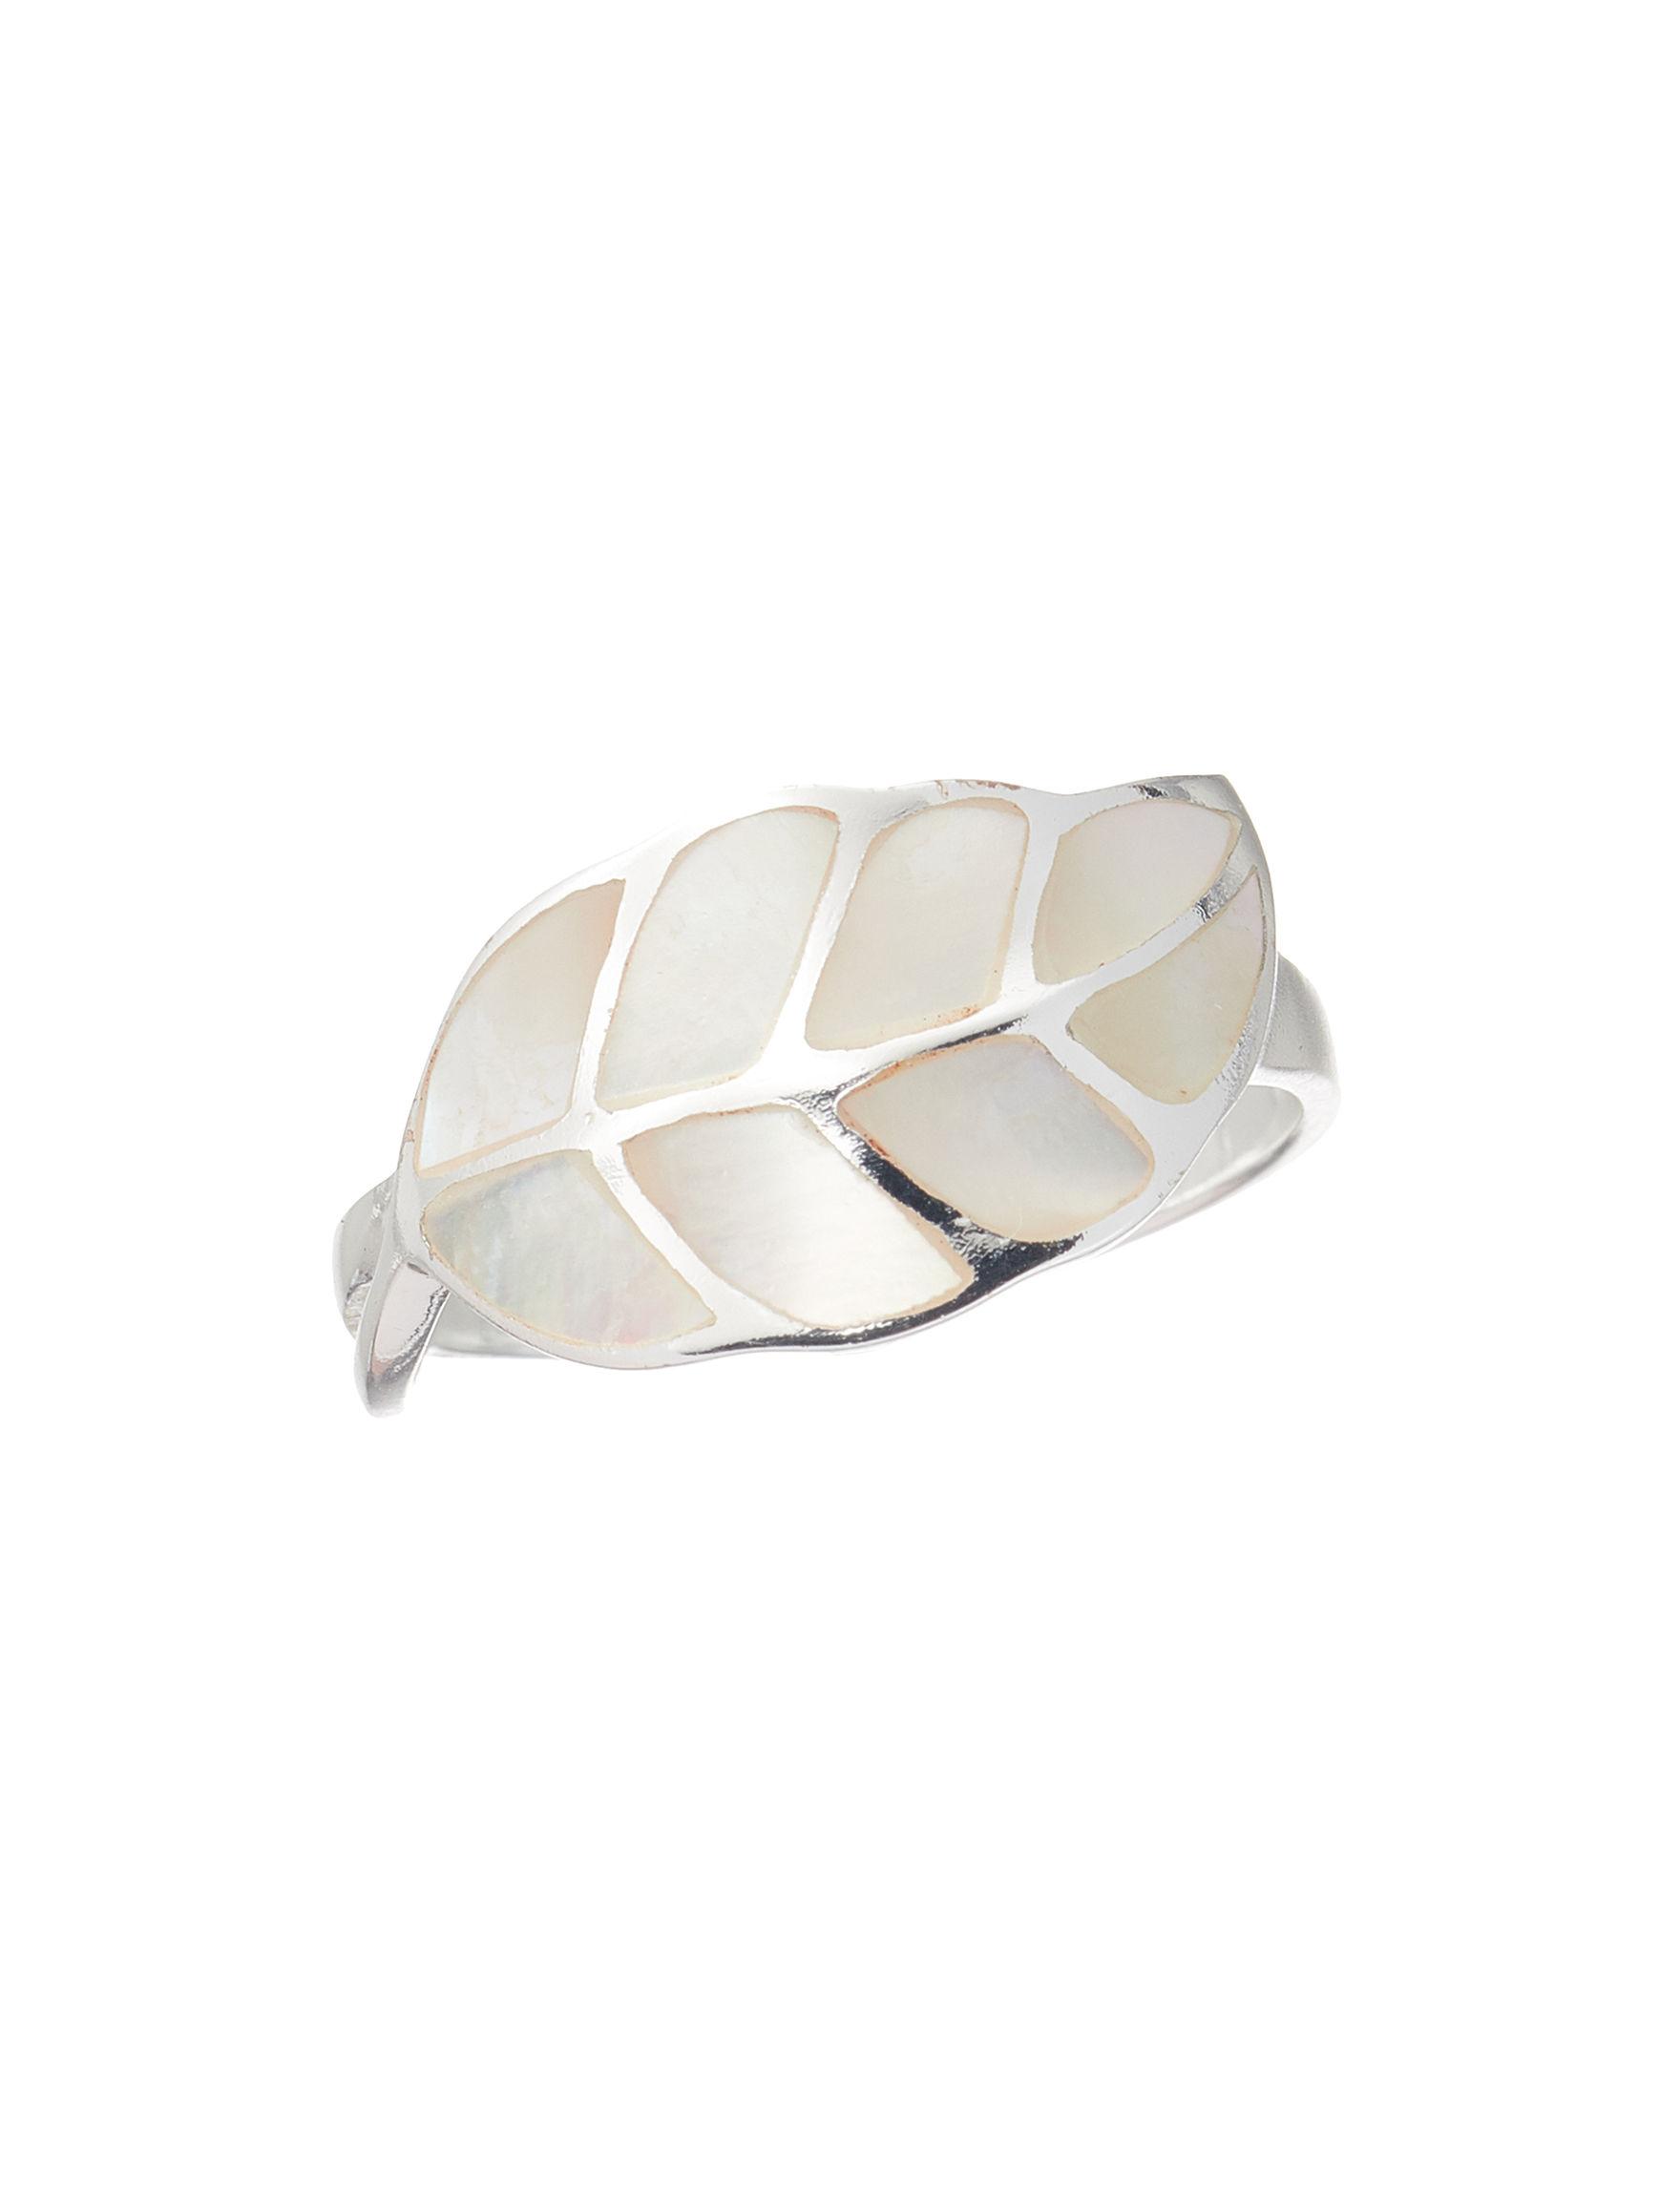 Marsala Silver Rings Fine Jewelry